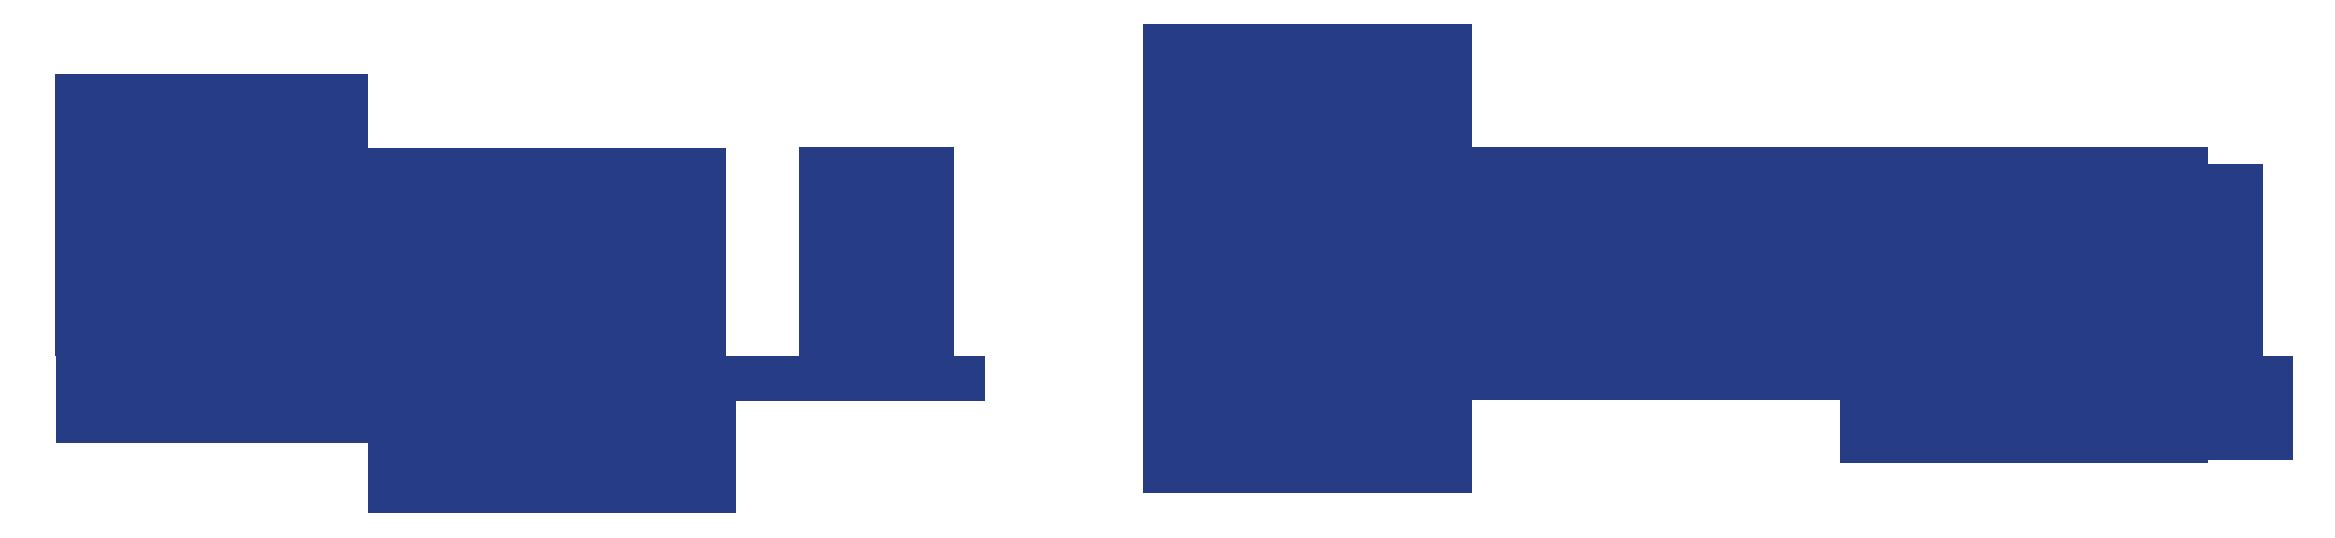 Aula Nostra – Formación de Butoh Innato